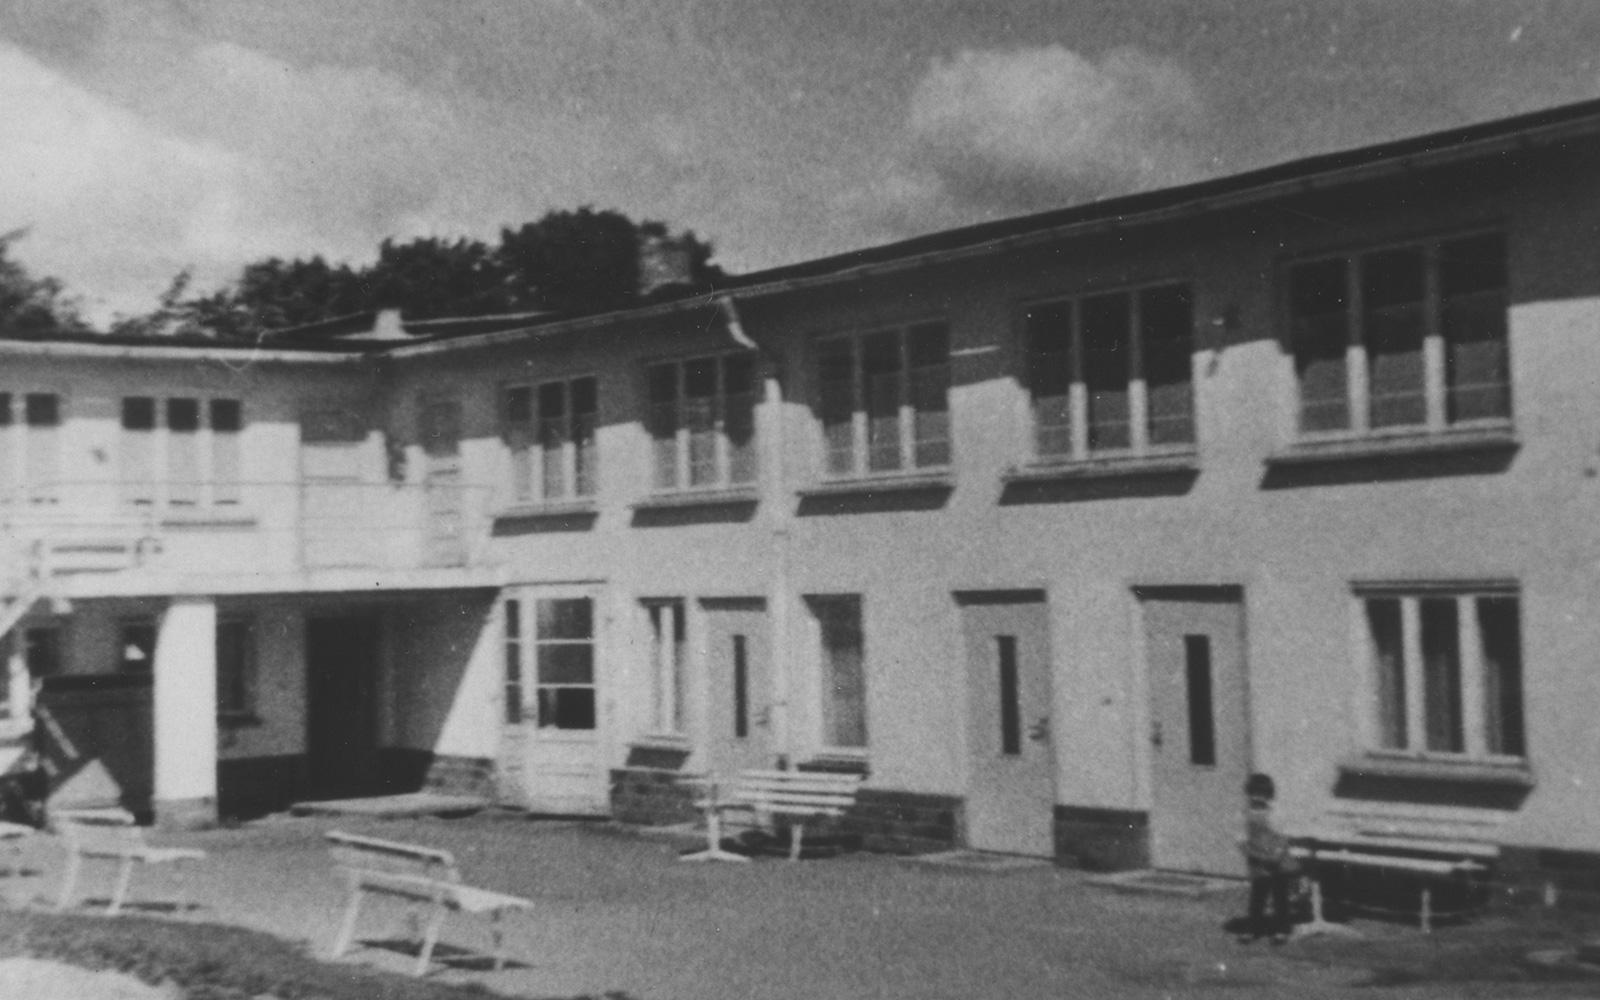 Ferienlager Göhren - historisches Bild